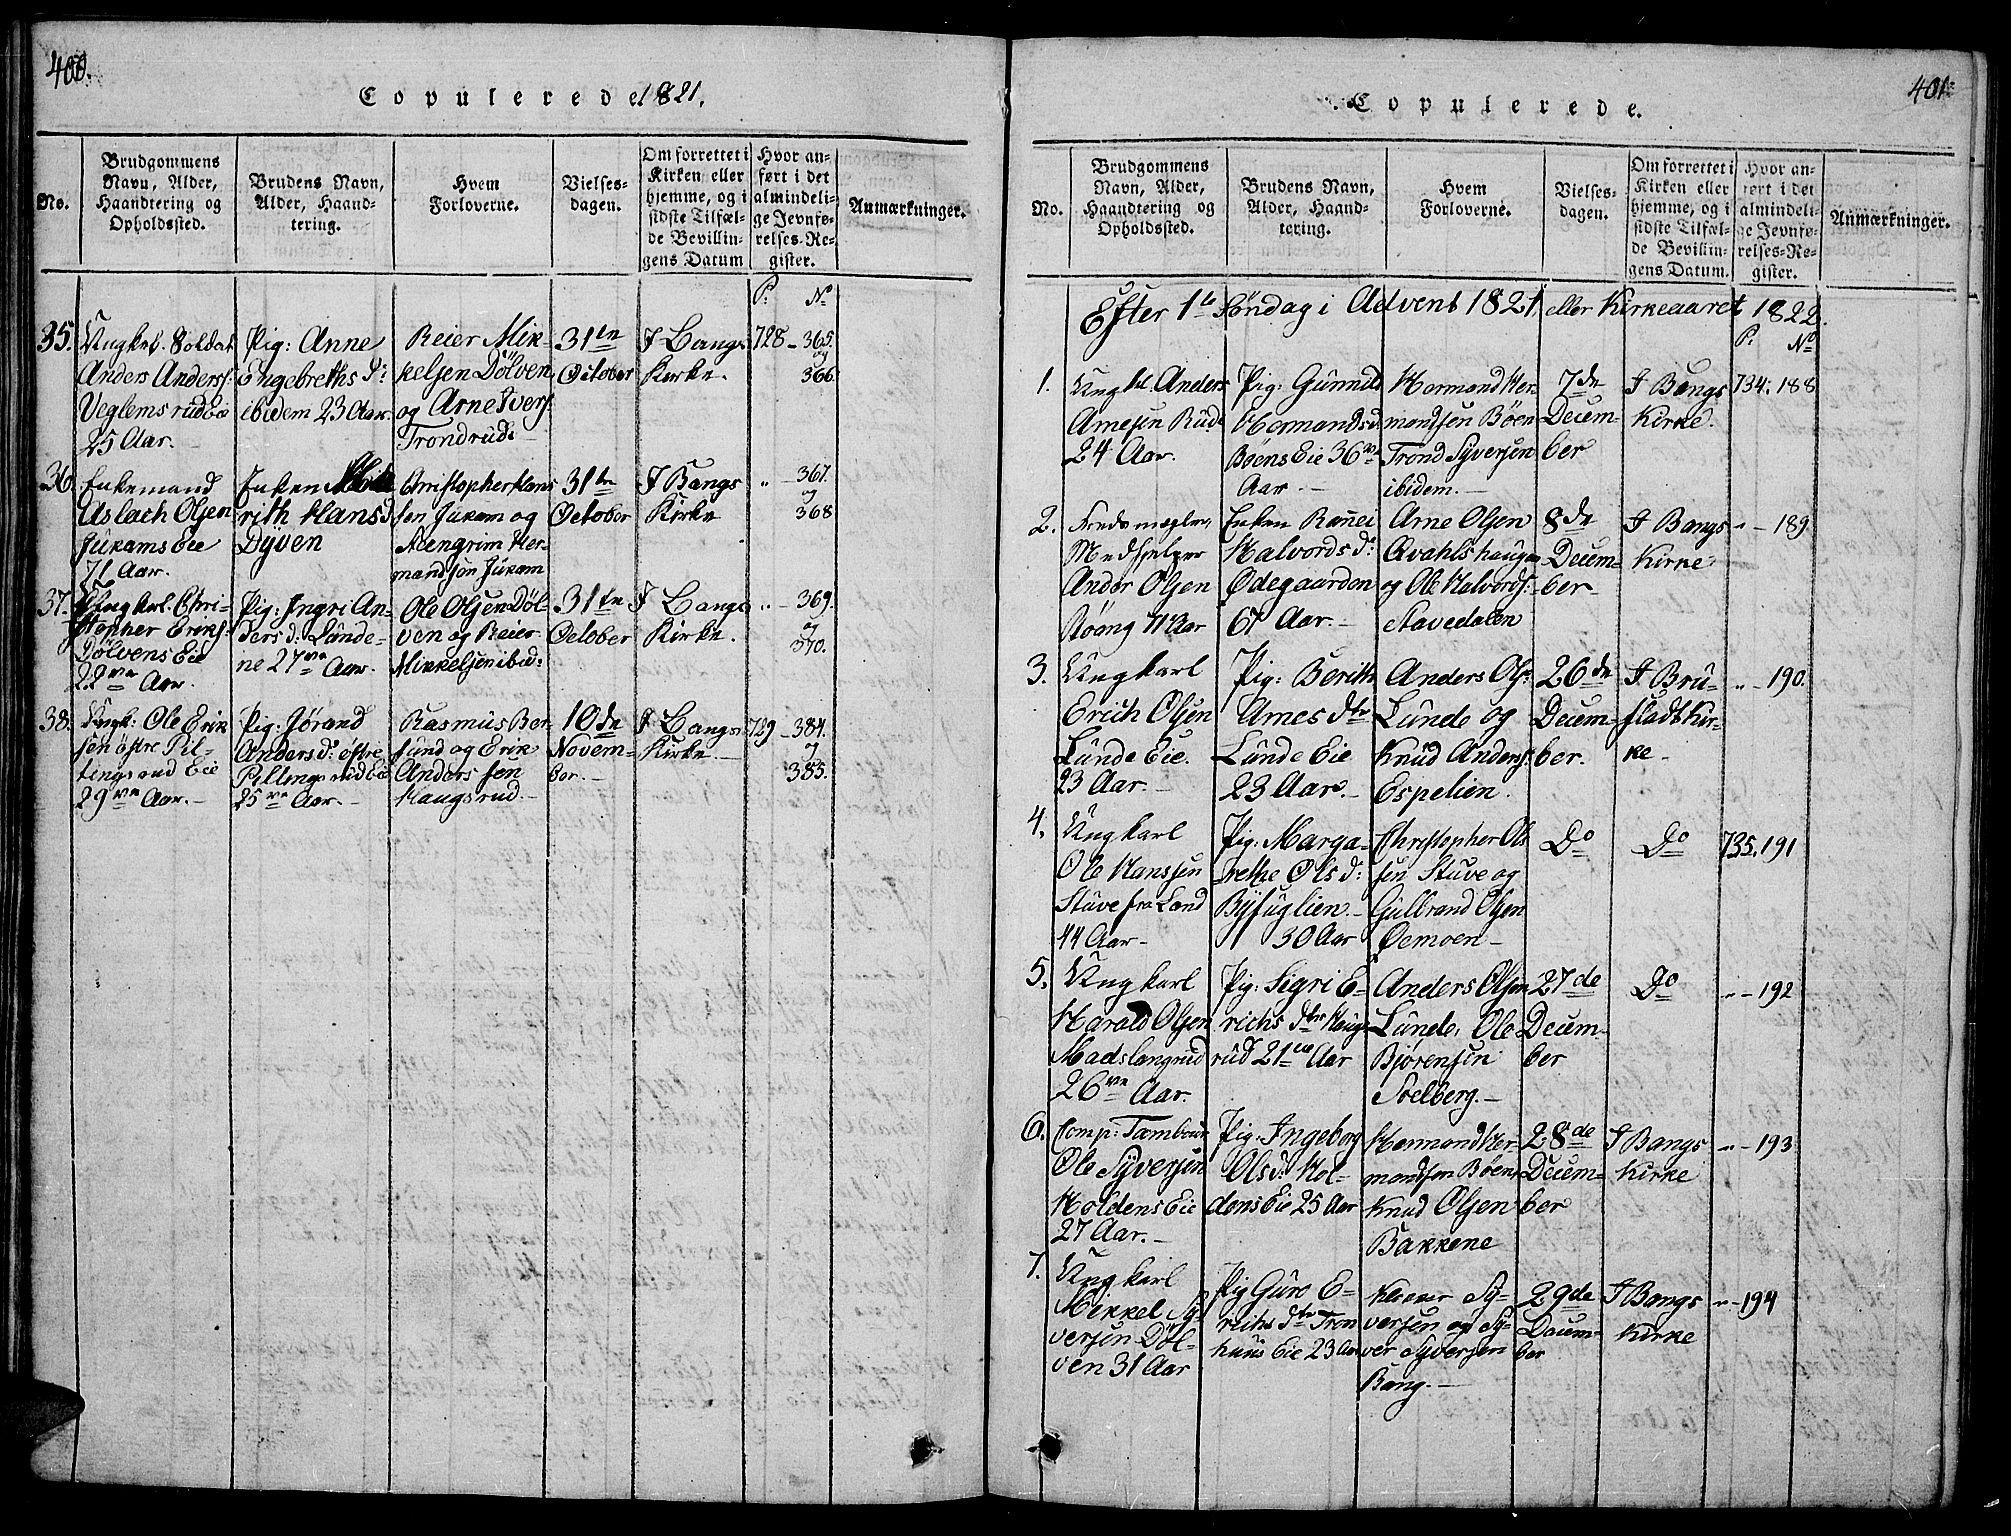 SAH, Sør-Aurdal prestekontor, Klokkerbok nr. 1, 1815-1826, s. 400-401